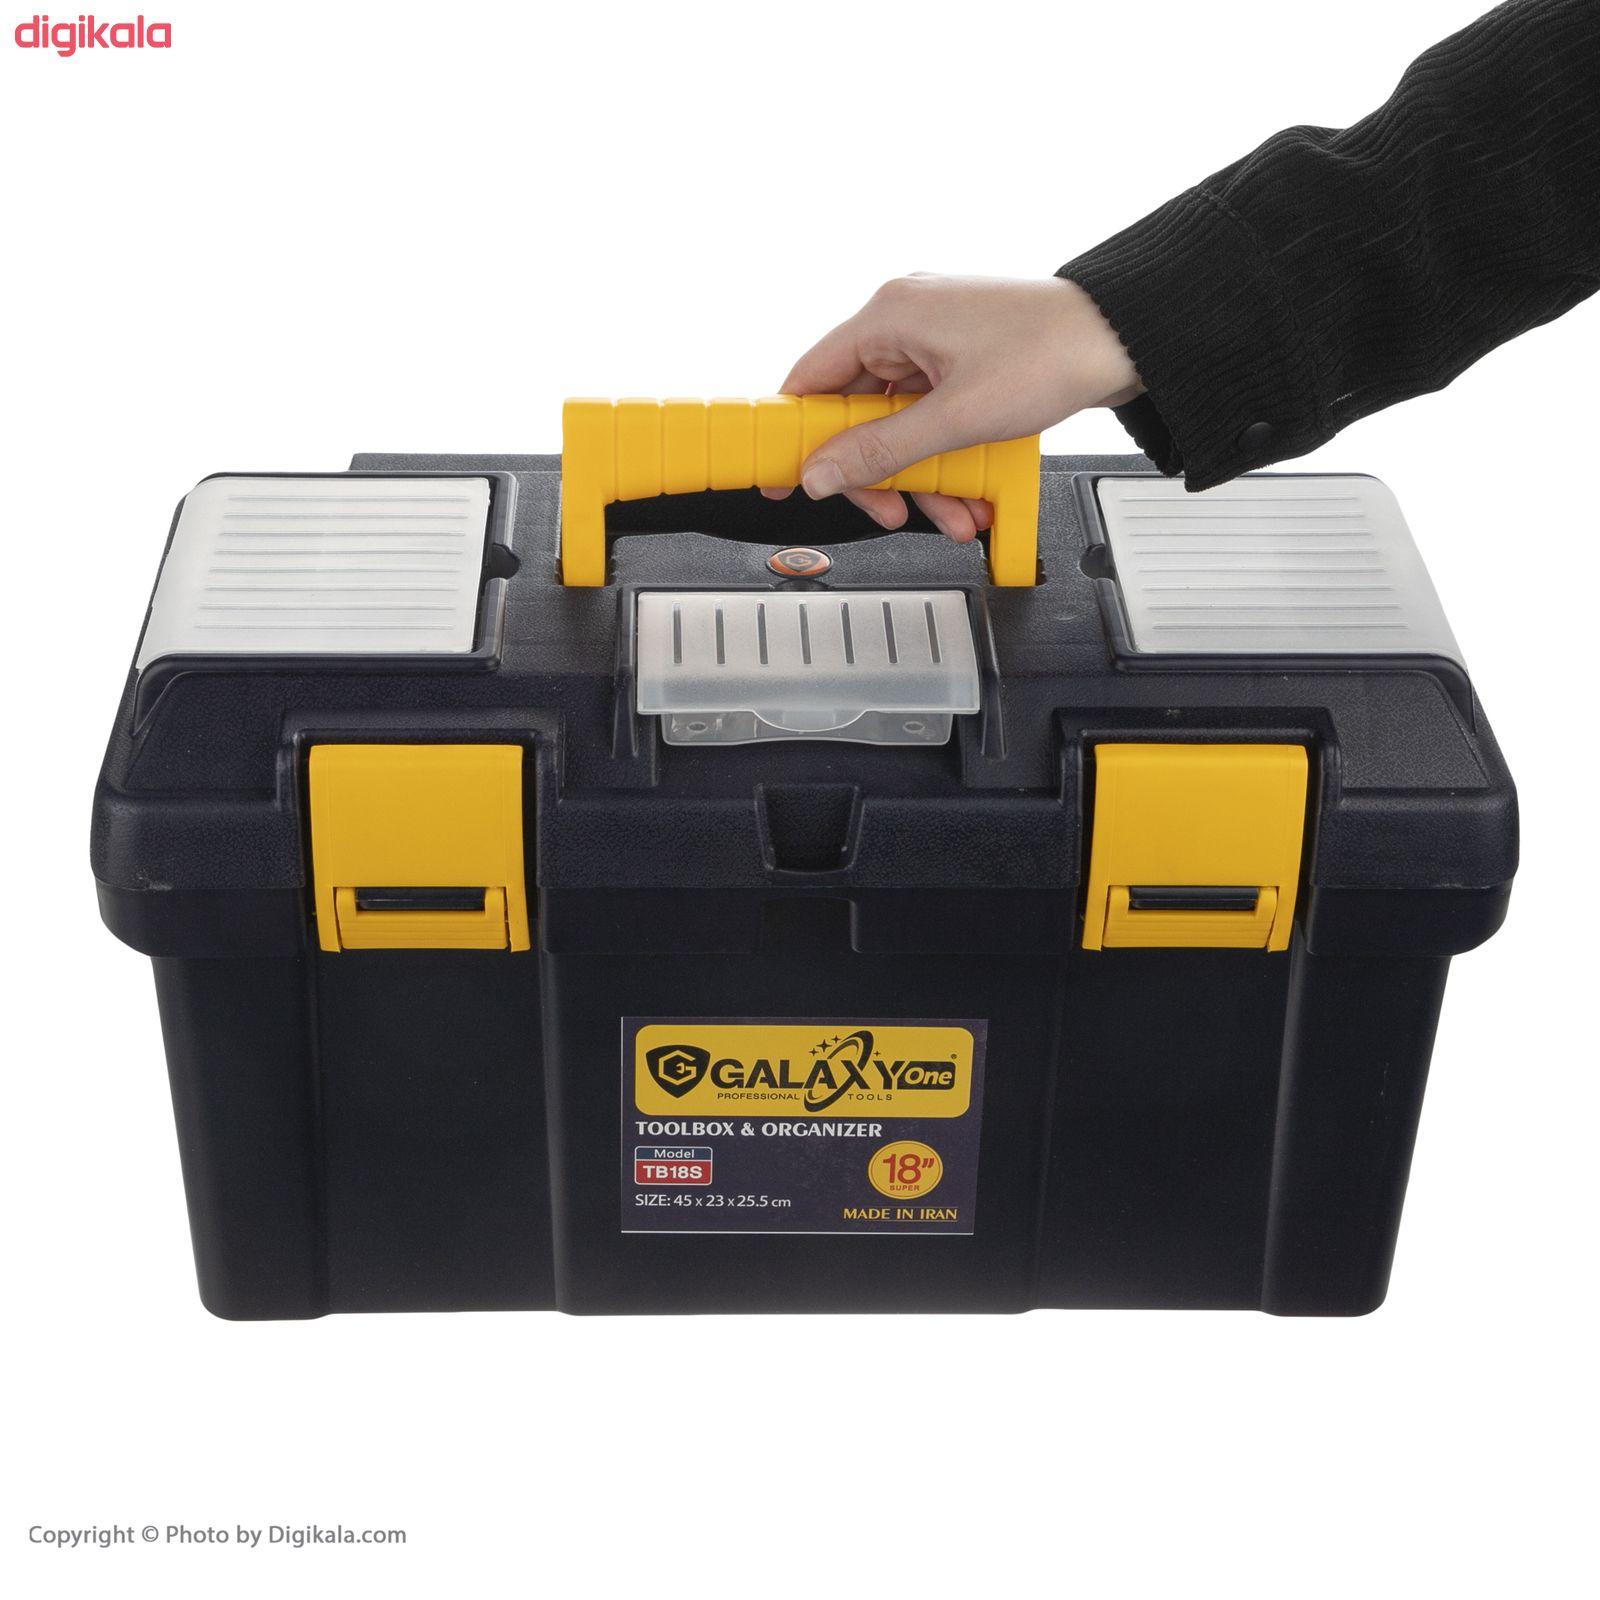 جعبه ابزار گلکسی وان مدل TB18S  main 1 3